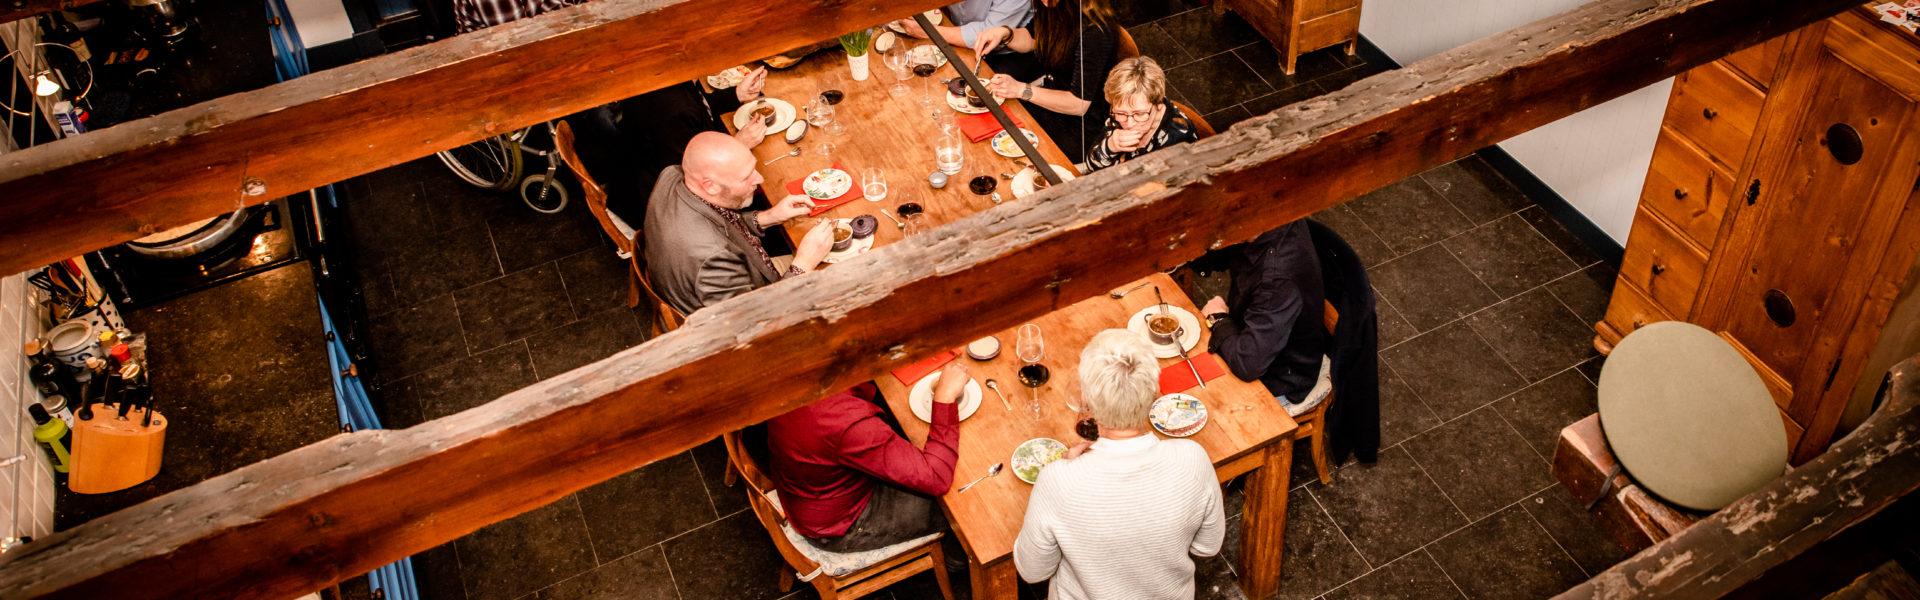 Diner bij de Oude Keuken-14